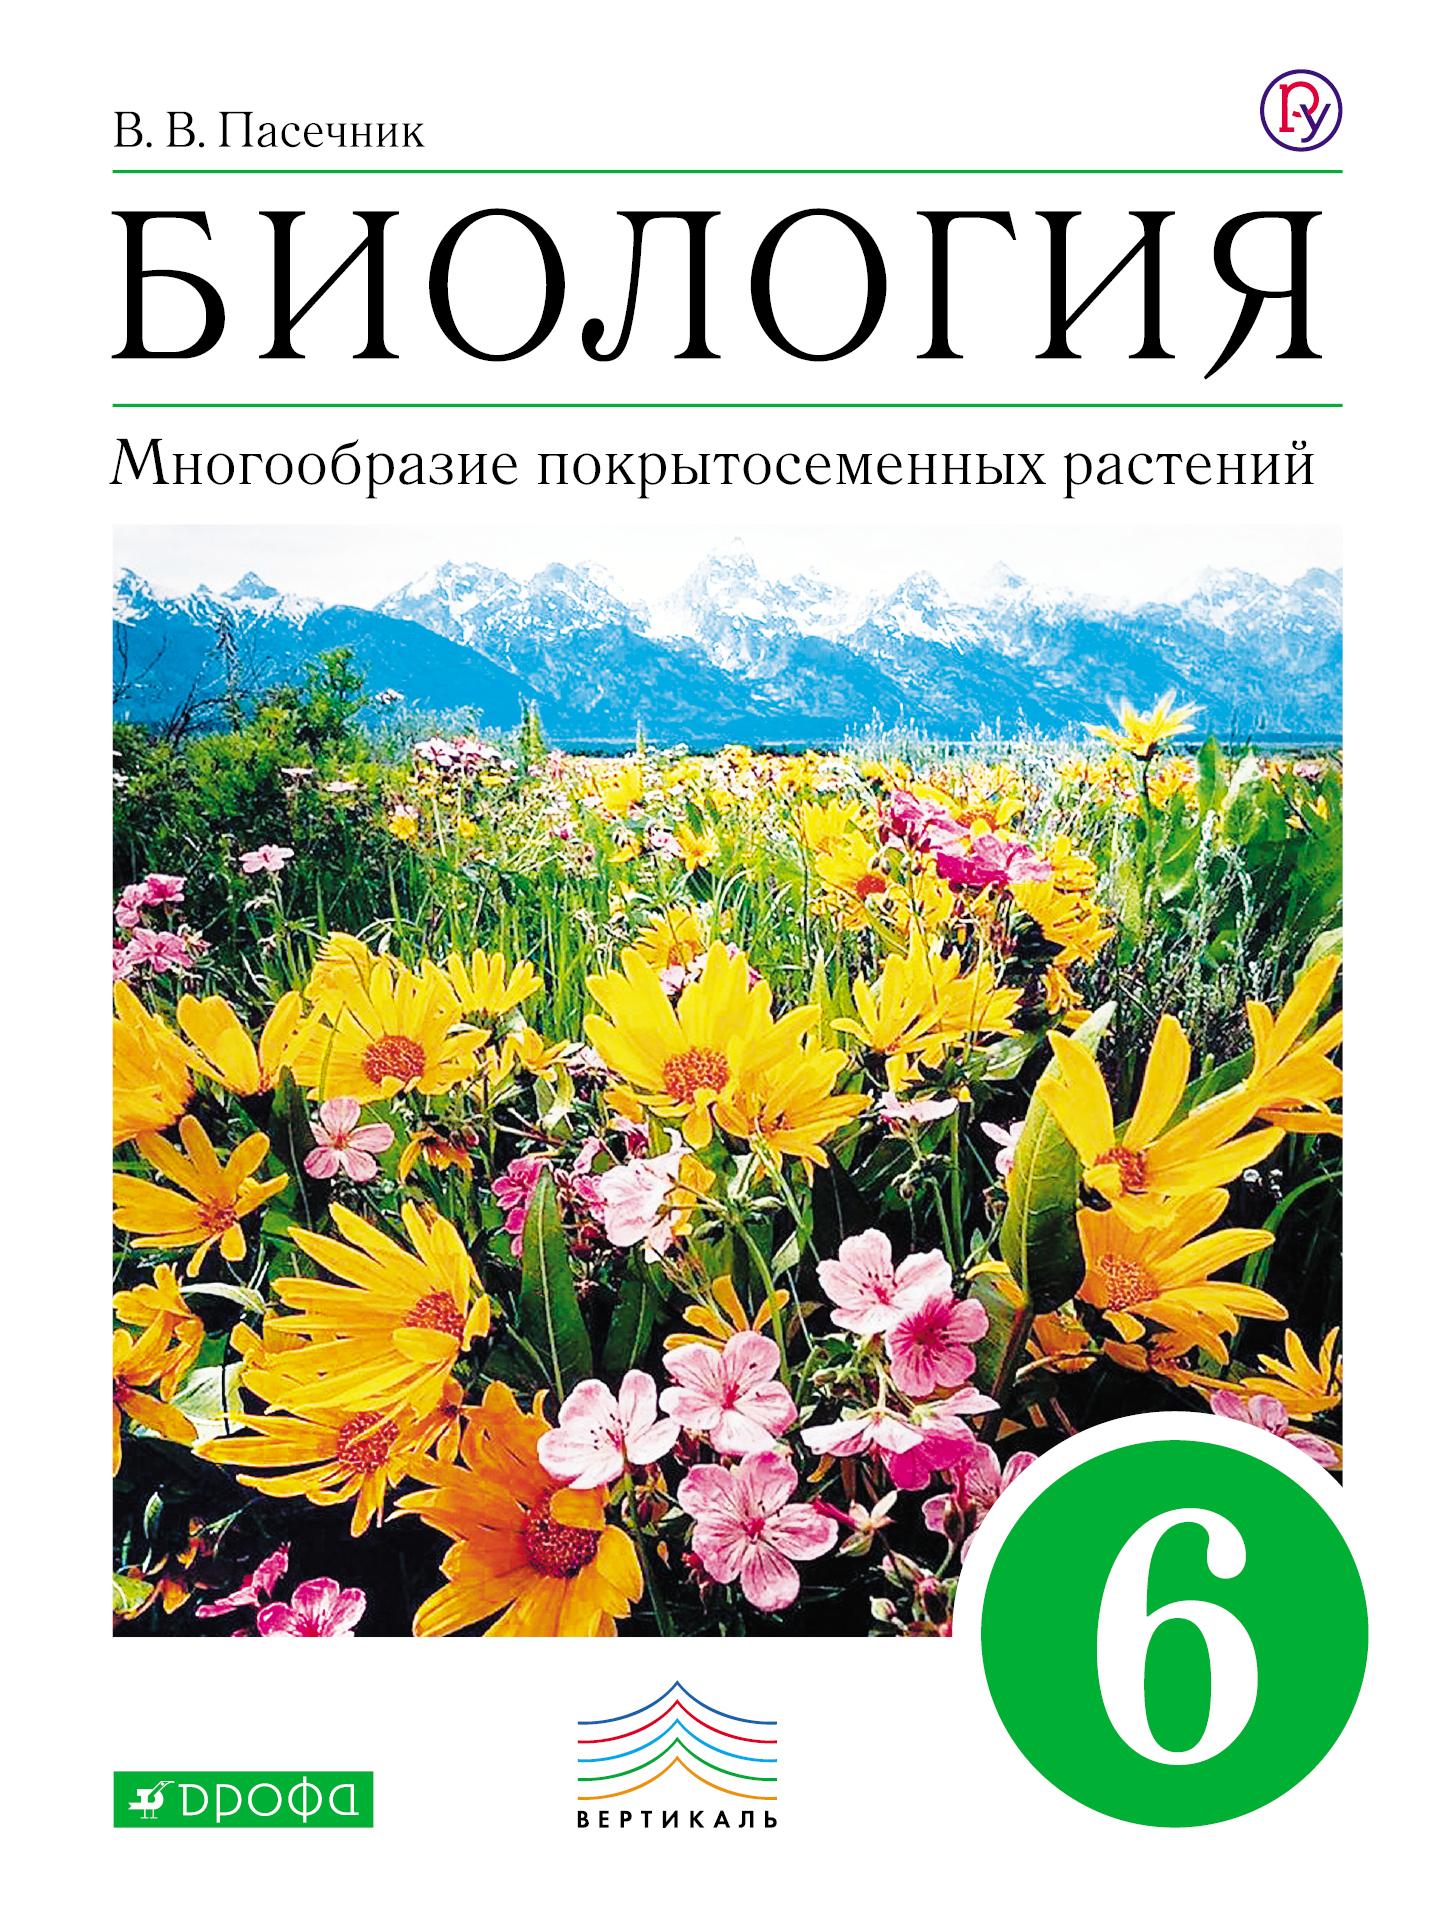 Биология. 6 класс. Многообразие покрытосеменных растений. Учебник